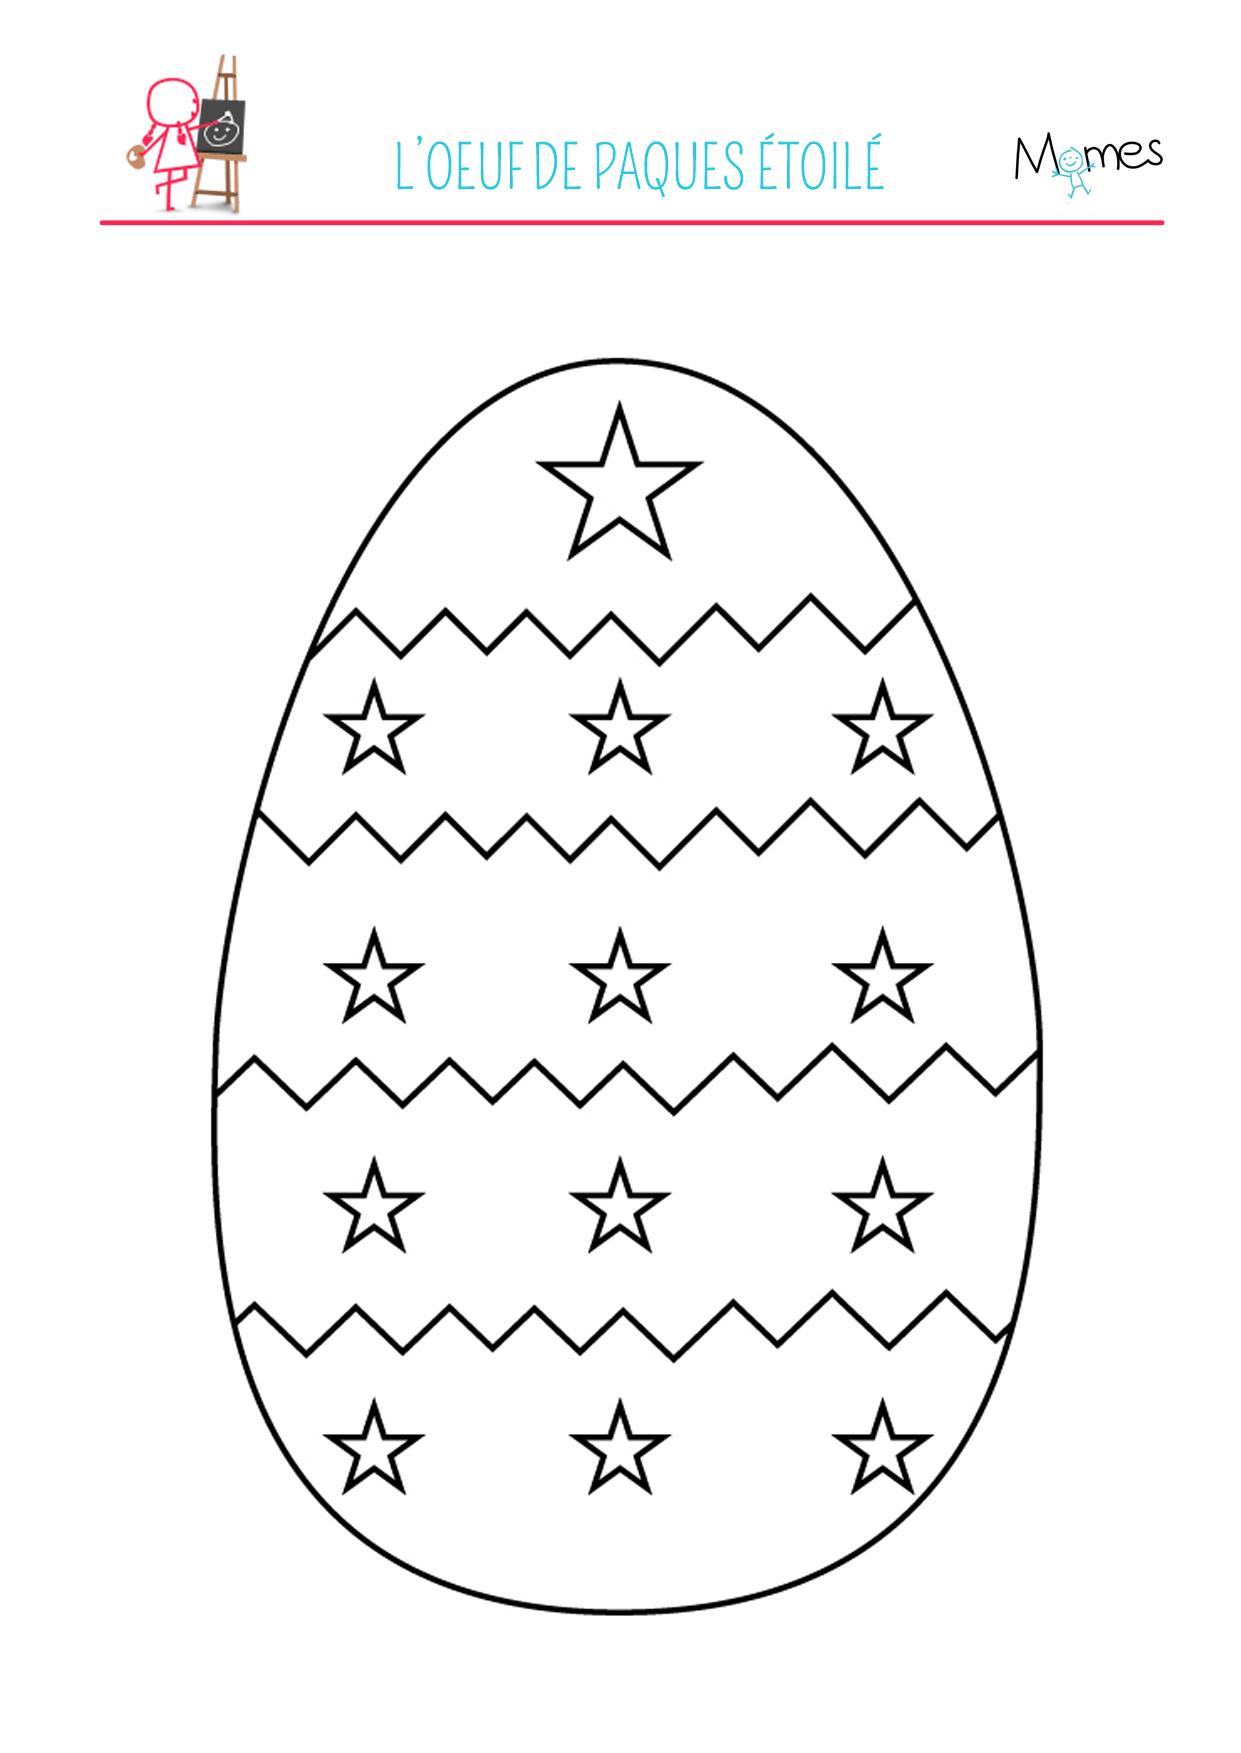 Coloriage de l'œuf de Pâques étoilé